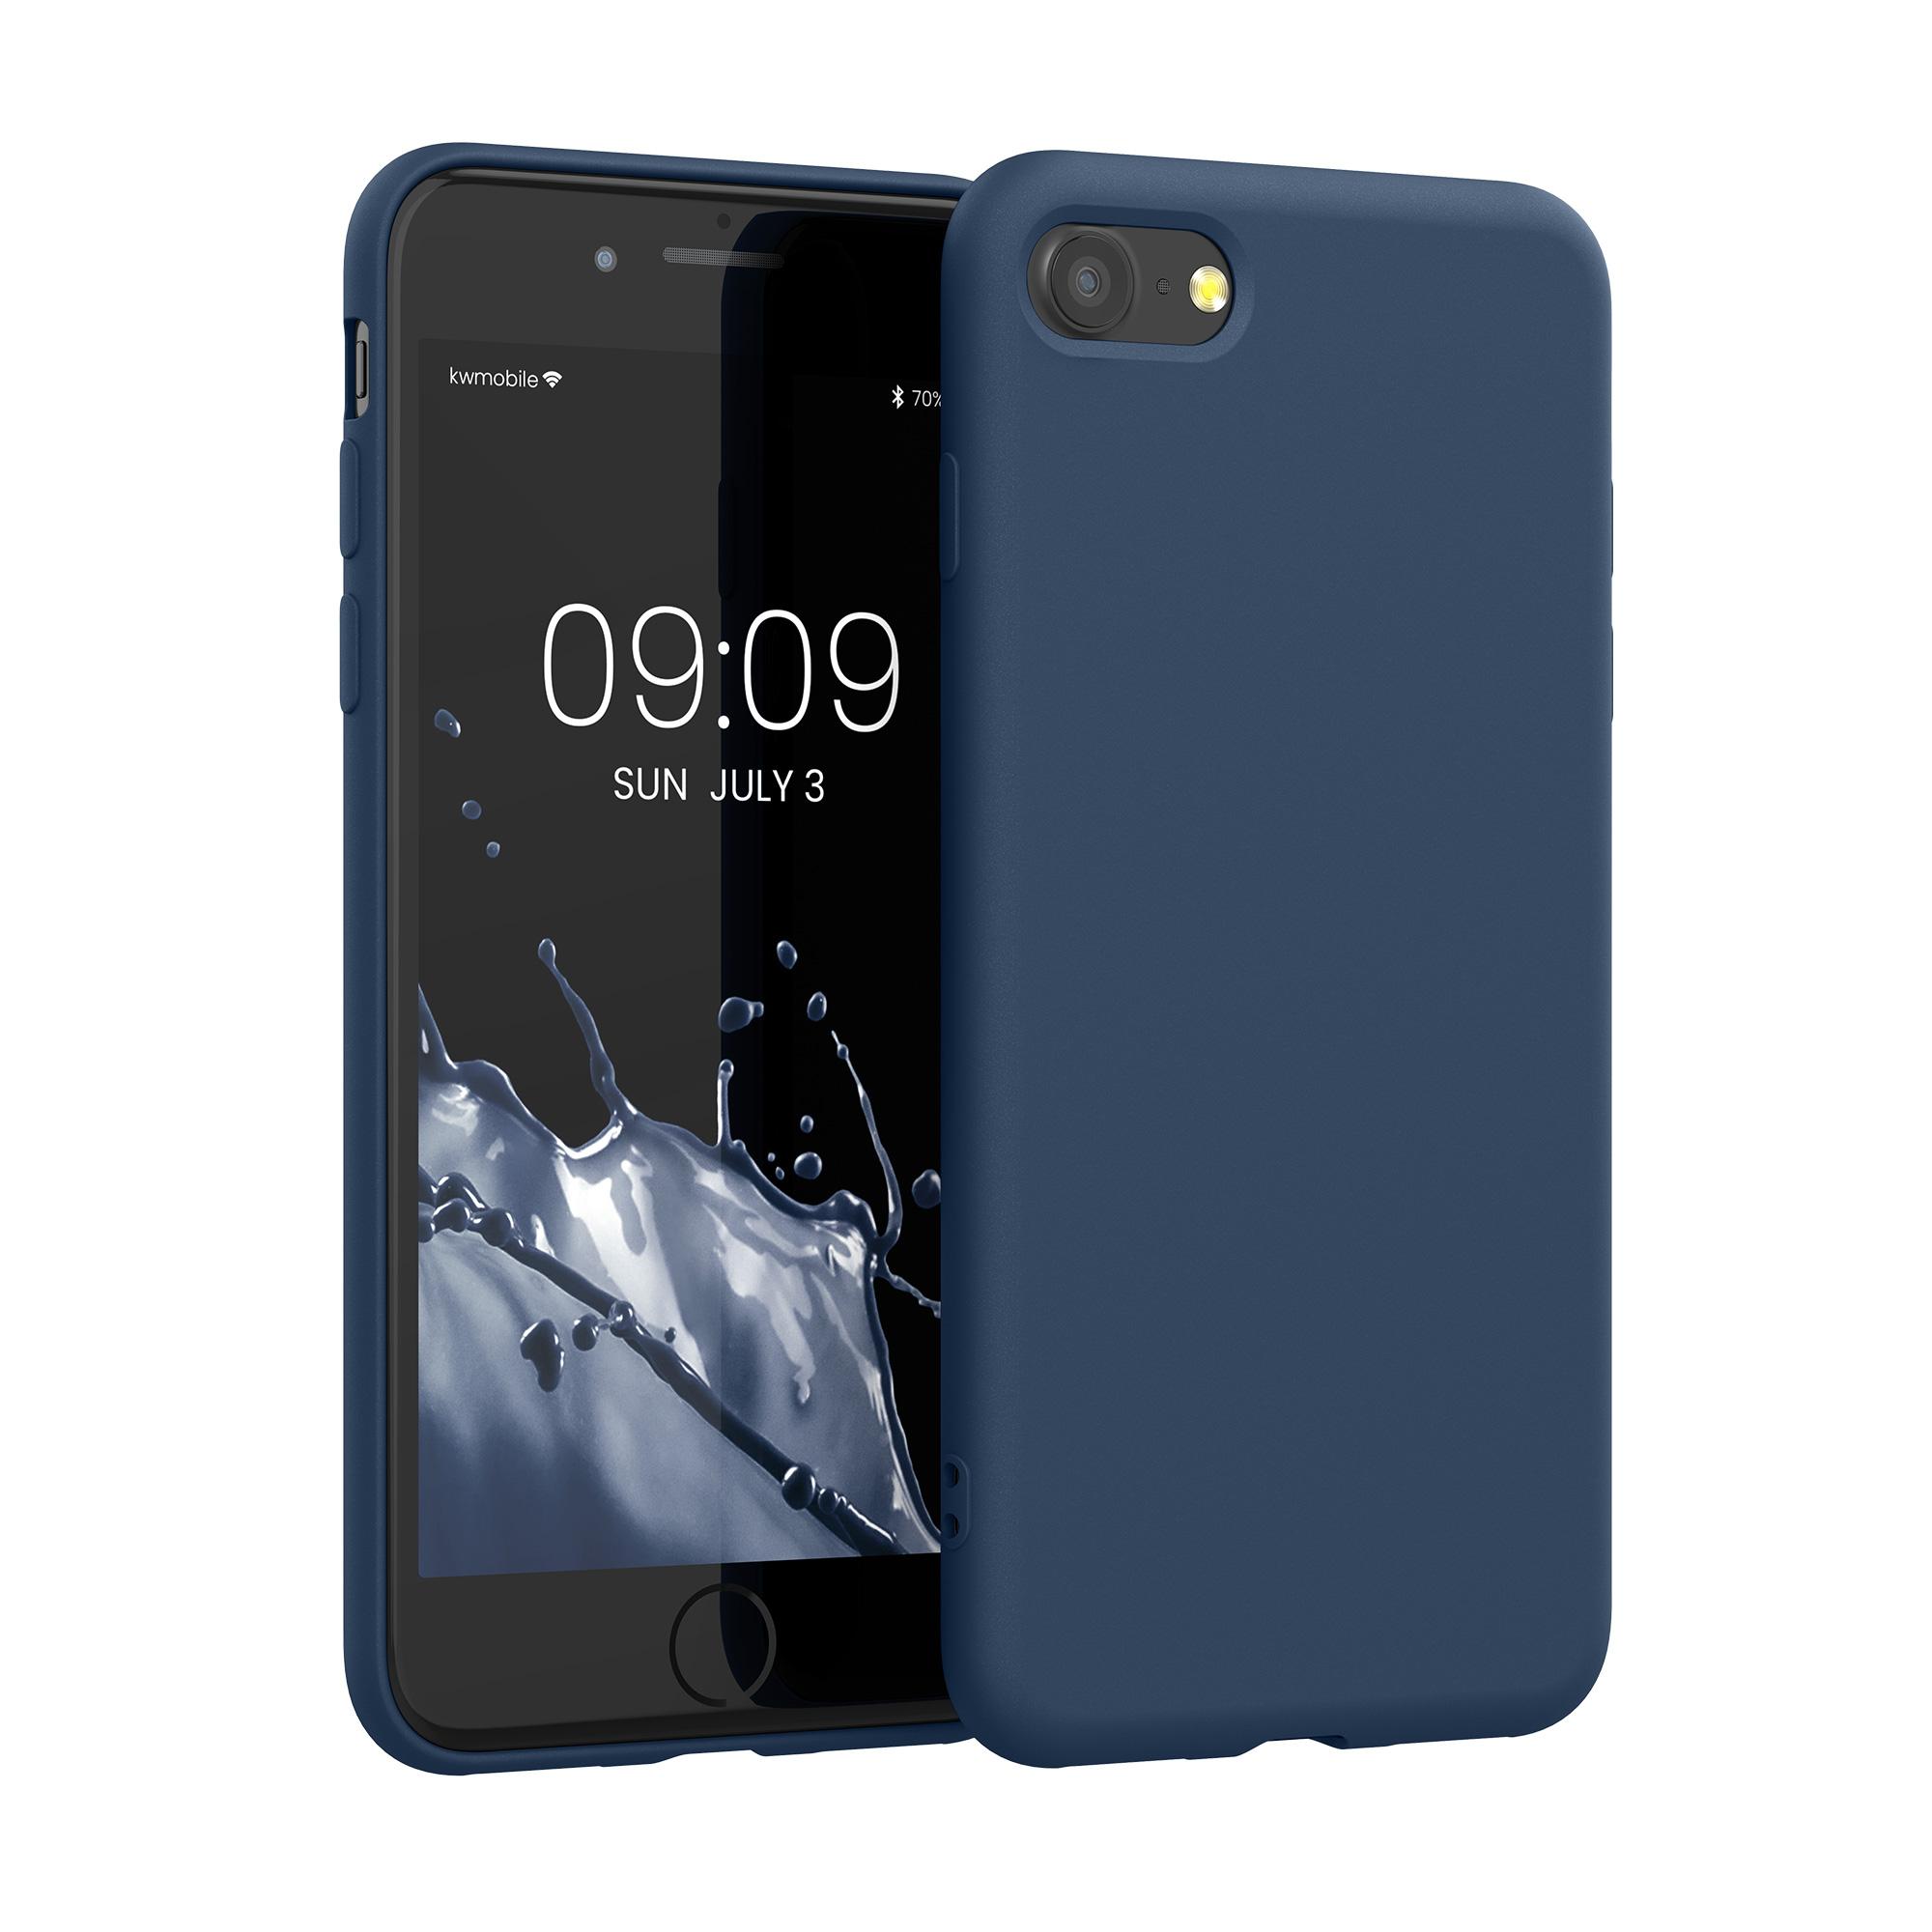 Kvalitní silikonové TPU pouzdro pro Apple iPhone 7 / 8 / SE  - Tmavě modrá